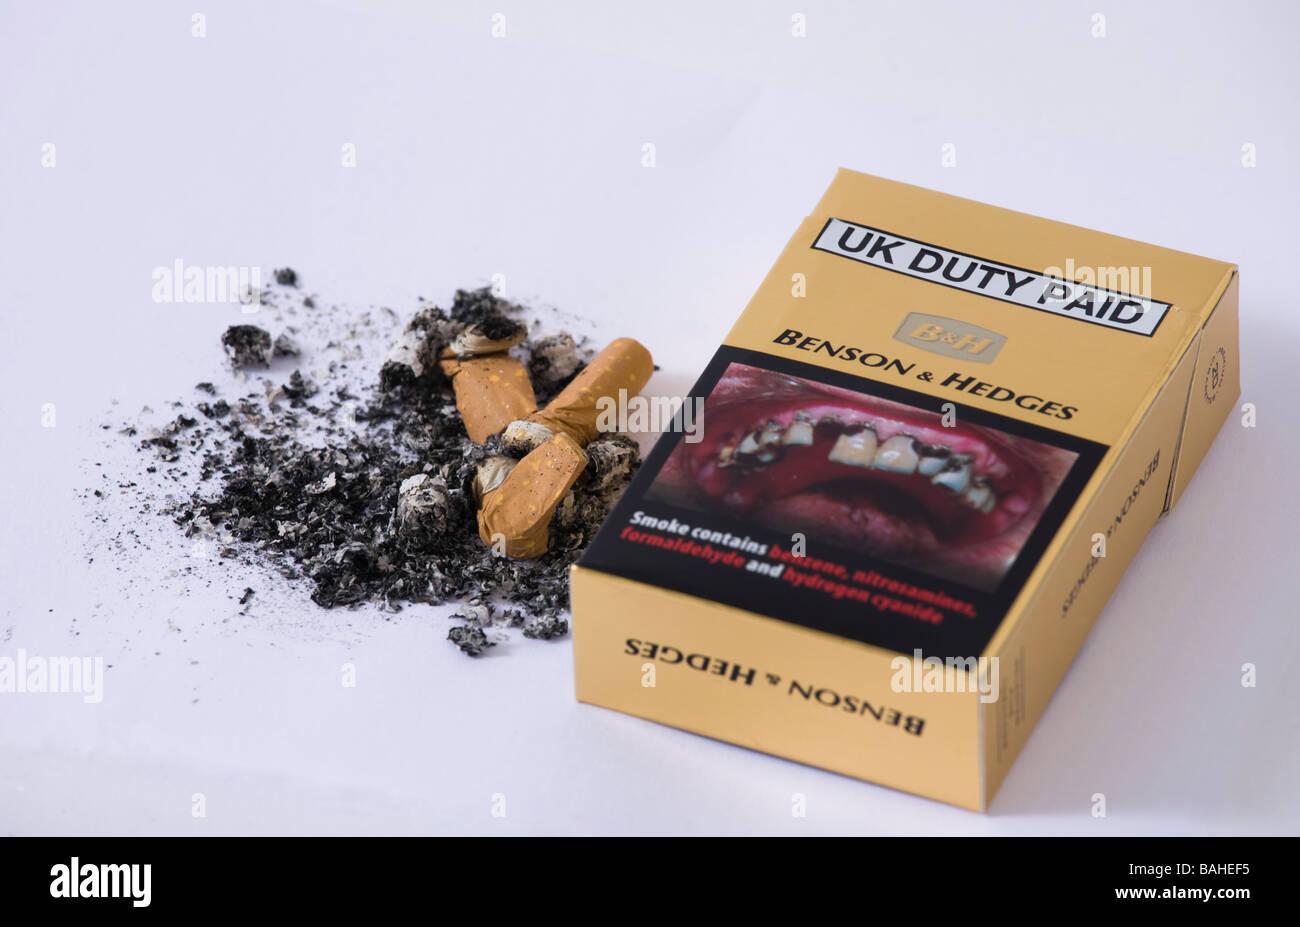 Usa classic cigarettes